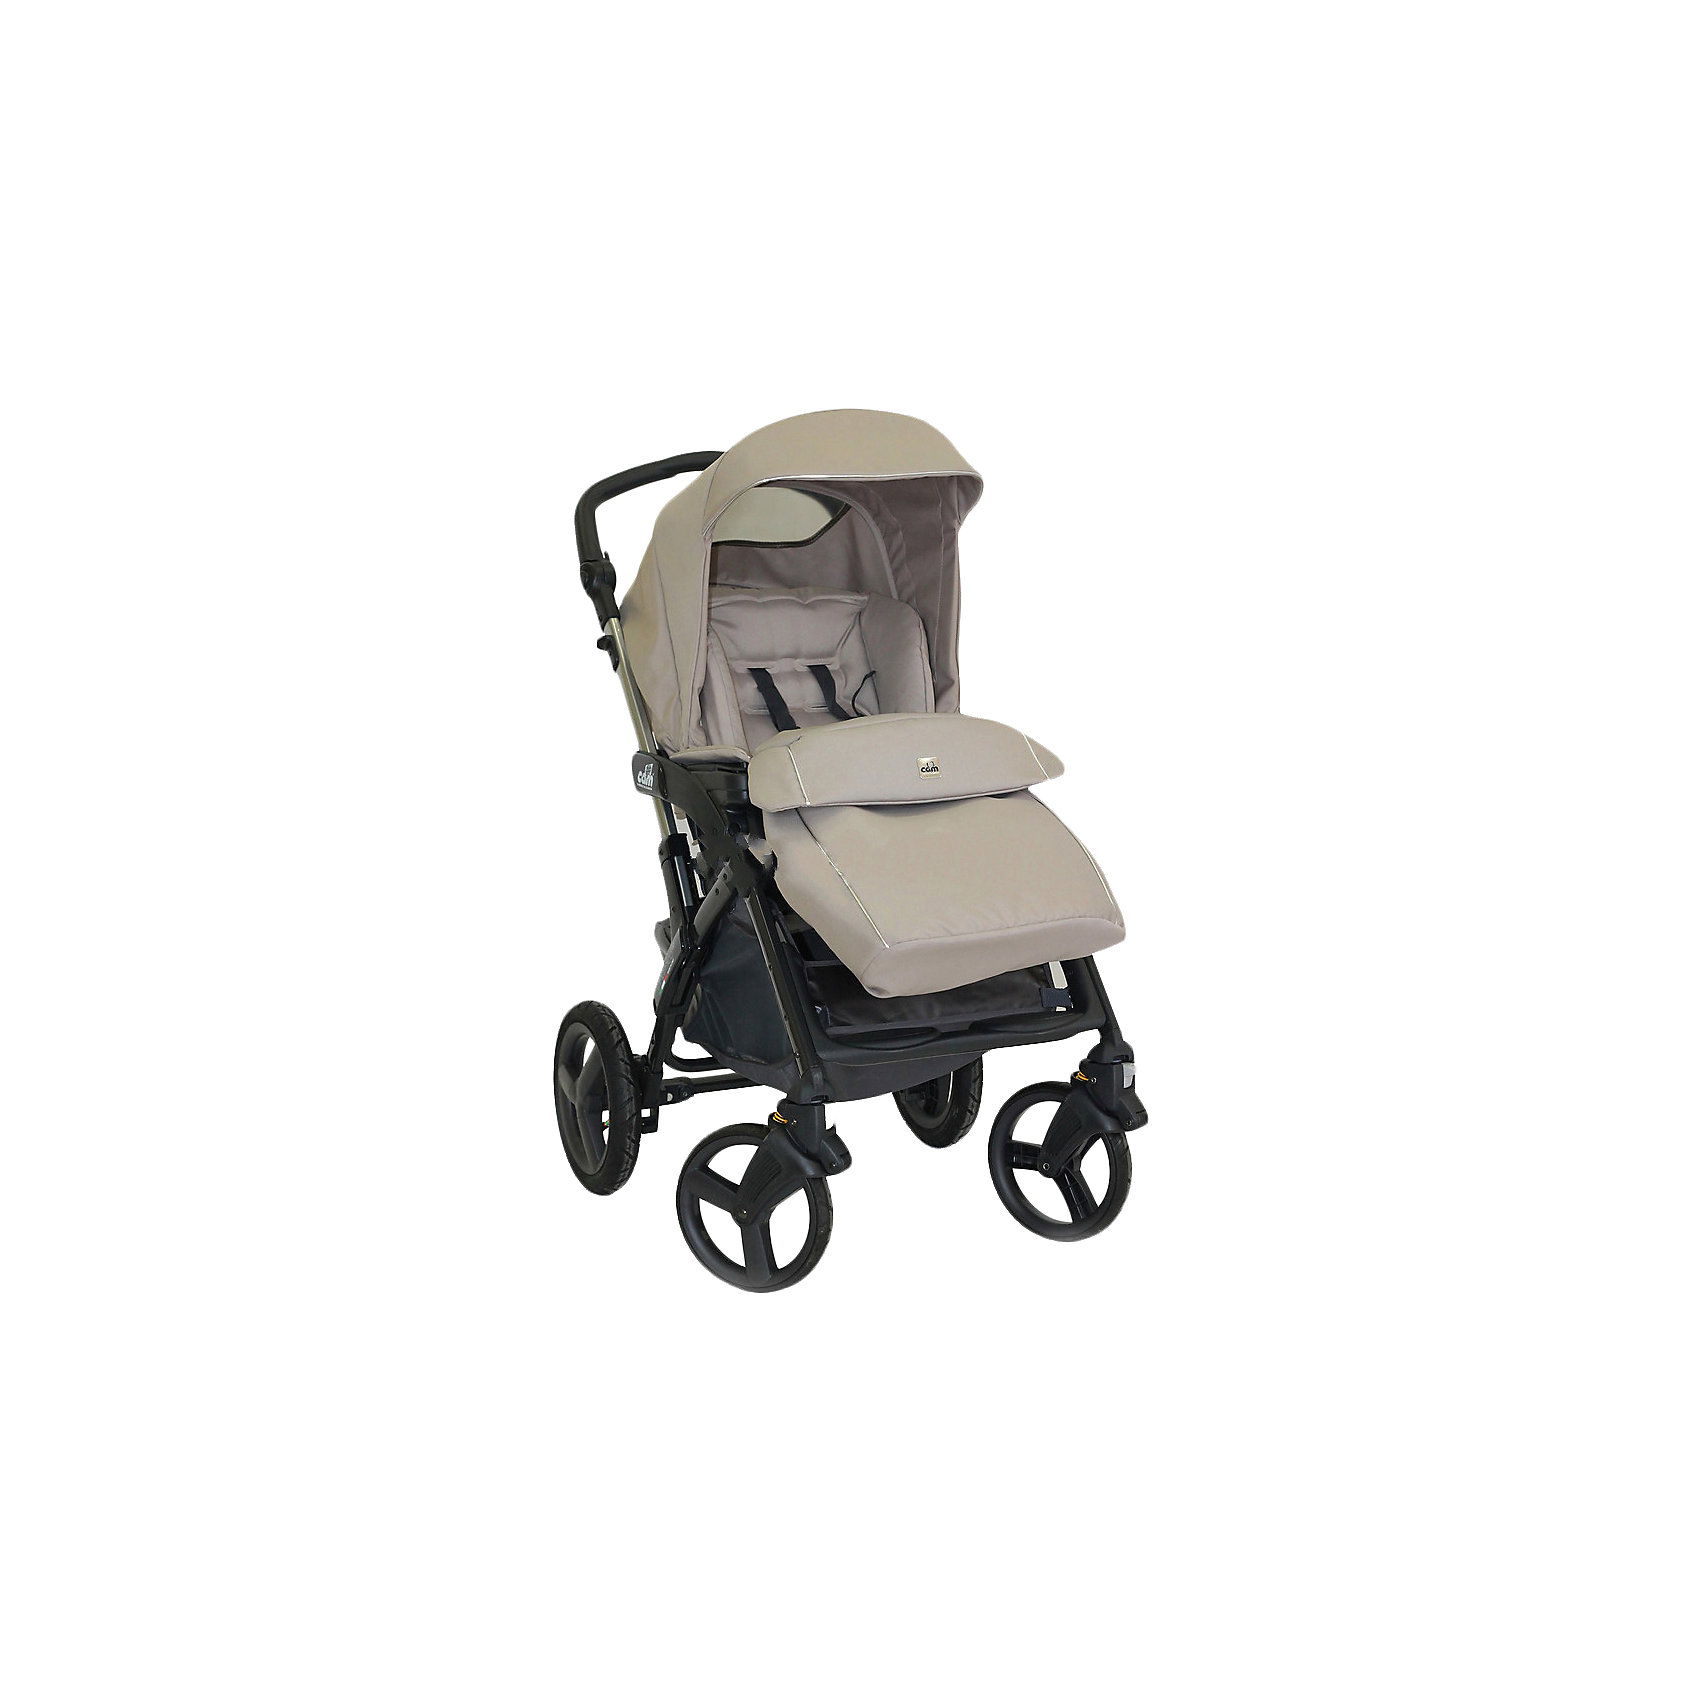 Прогулочная коляска CAM Dinamico 4S, темный крем с серебристой окантовкойПрогулочные коляски<br>Прогулочная коляска Dinamico 4S, CAM, темный крем с серебристой окантовкой – отличный вариант для долгого пребывания на улице.<br>Удобные колеса делают коляску очень проходимой в любых обстоятельствах. Спинку можно отрегулировать в 4 положениях. Также можно отрегулировать подножку по размеру ребенка. Для обеспечения безопасности малыша в коляске 5-и точечные ремни с мягкими накладками и съемный защитный бампер. Есть подлокотники для удобства ребенка. Чехлы съемные.<br><br>Дополнительная информация:<br><br>- вес: 10,2 кг <br>- в разложенном состоянии: 56х84х100,5 см  <br>- в сложенном состоянии: 56х25,5х82 см <br>- цвет: темный крем с серебристой окантовкой<br>- в комплект входит: дождевик-универсальный<br>- возраст: от 6 до 36 месяцев<br>- вес ребенка: до 15 кг<br><br><br>Прогулочную коляску Dinamico 4S, CAM, темный крем с серебристой окантовкой можно купить в нашем интернет магазине.<br><br>Ширина мм: 550<br>Глубина мм: 350<br>Высота мм: 850<br>Вес г: 11800<br>Возраст от месяцев: 6<br>Возраст до месяцев: 36<br>Пол: Унисекс<br>Возраст: Детский<br>SKU: 5013504